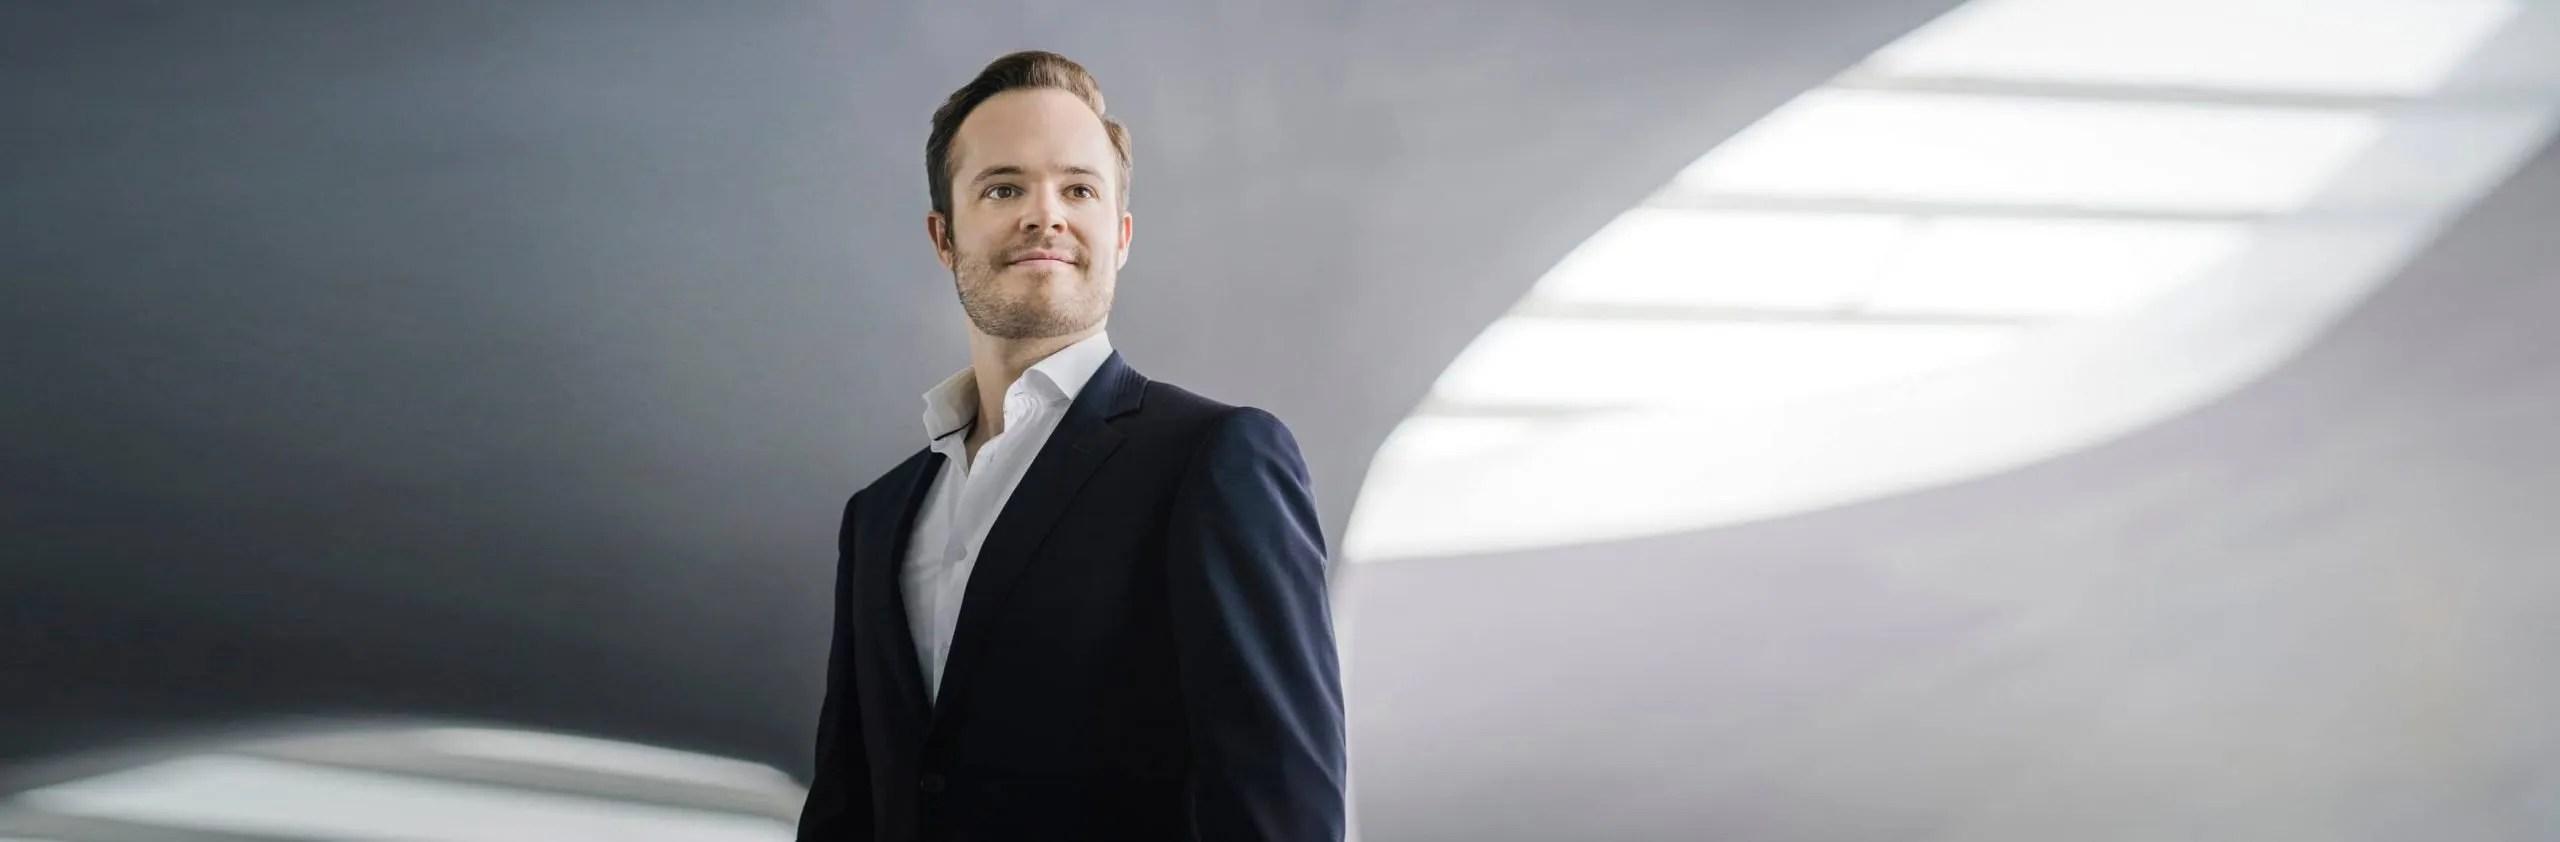 Kosten Roy Van Niftrik Advocatuur, kosten, wat kost een advocaat in nijmegen, letselschadeadvocaat en aansprakelijkheidsrecht